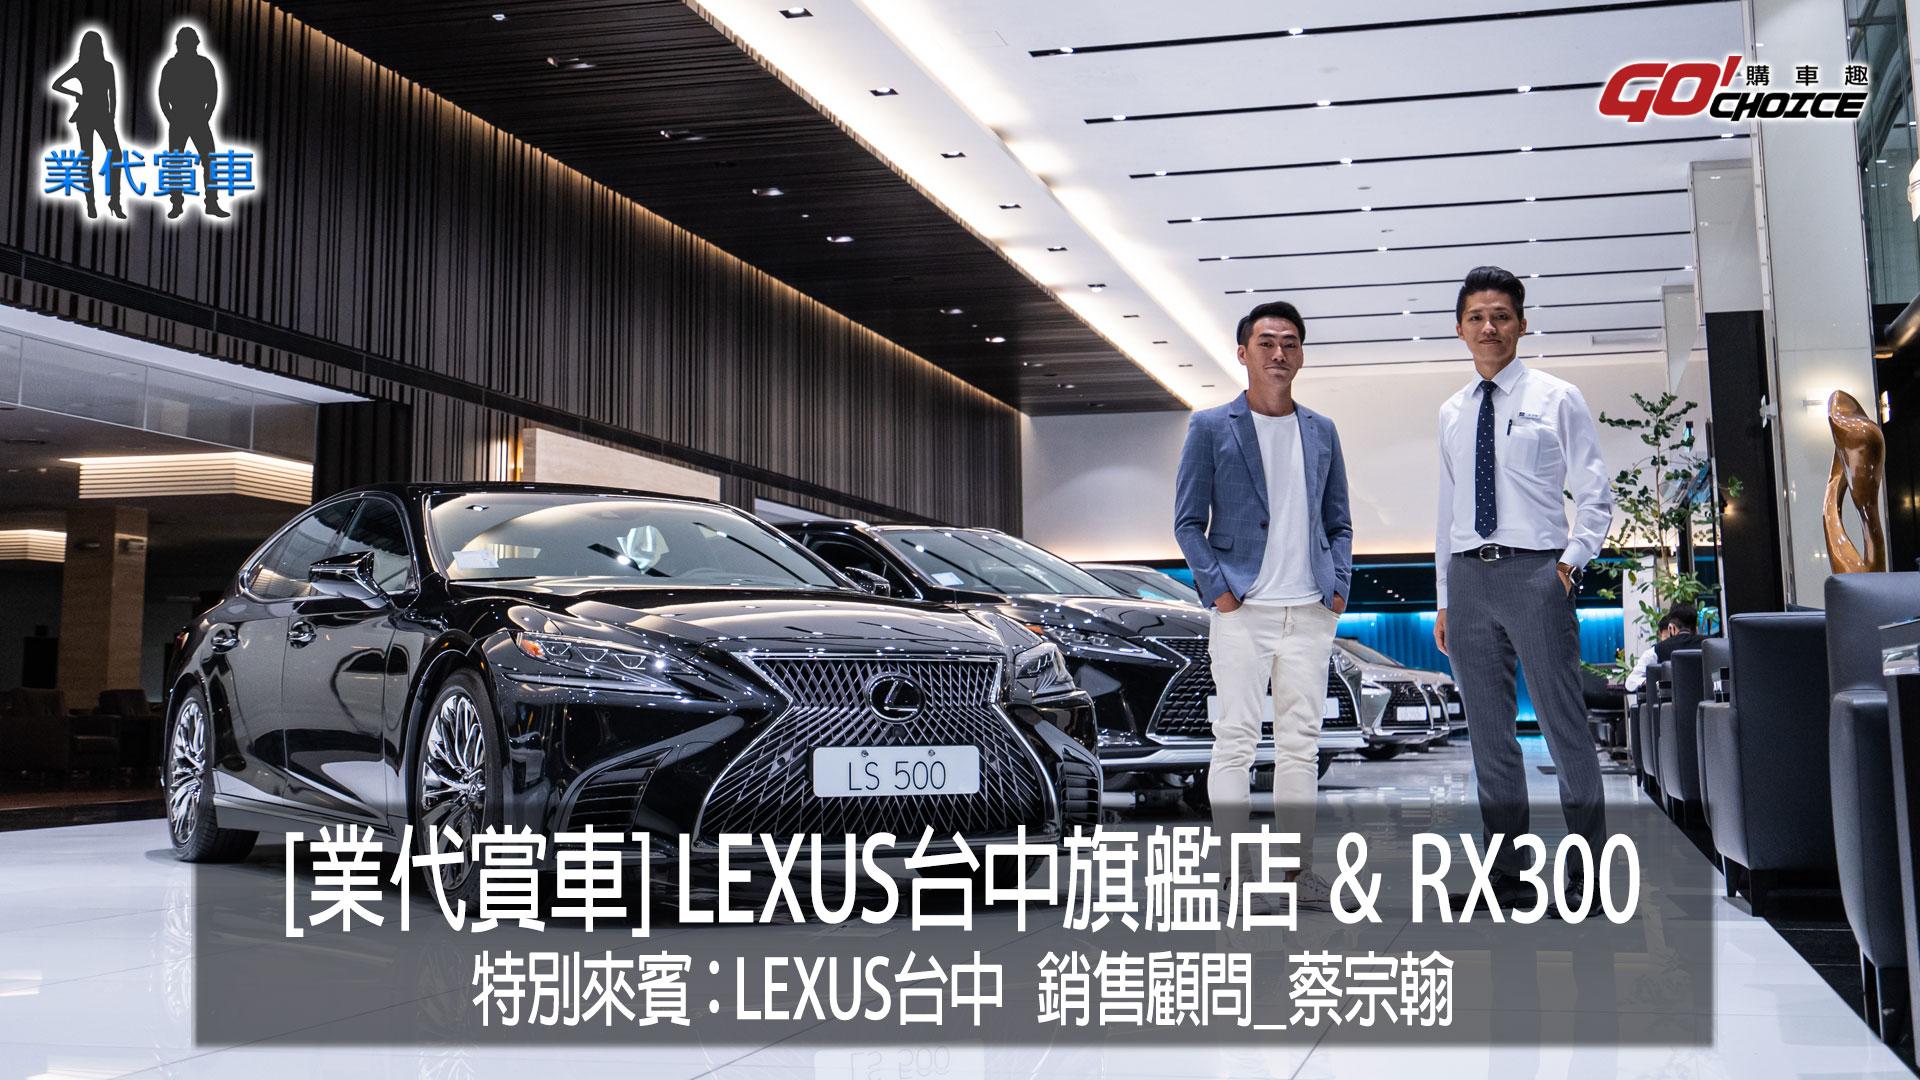 業代賞車-LEXUS RX300 & 台中旗艦中心-銷售顧問 蔡宗翰